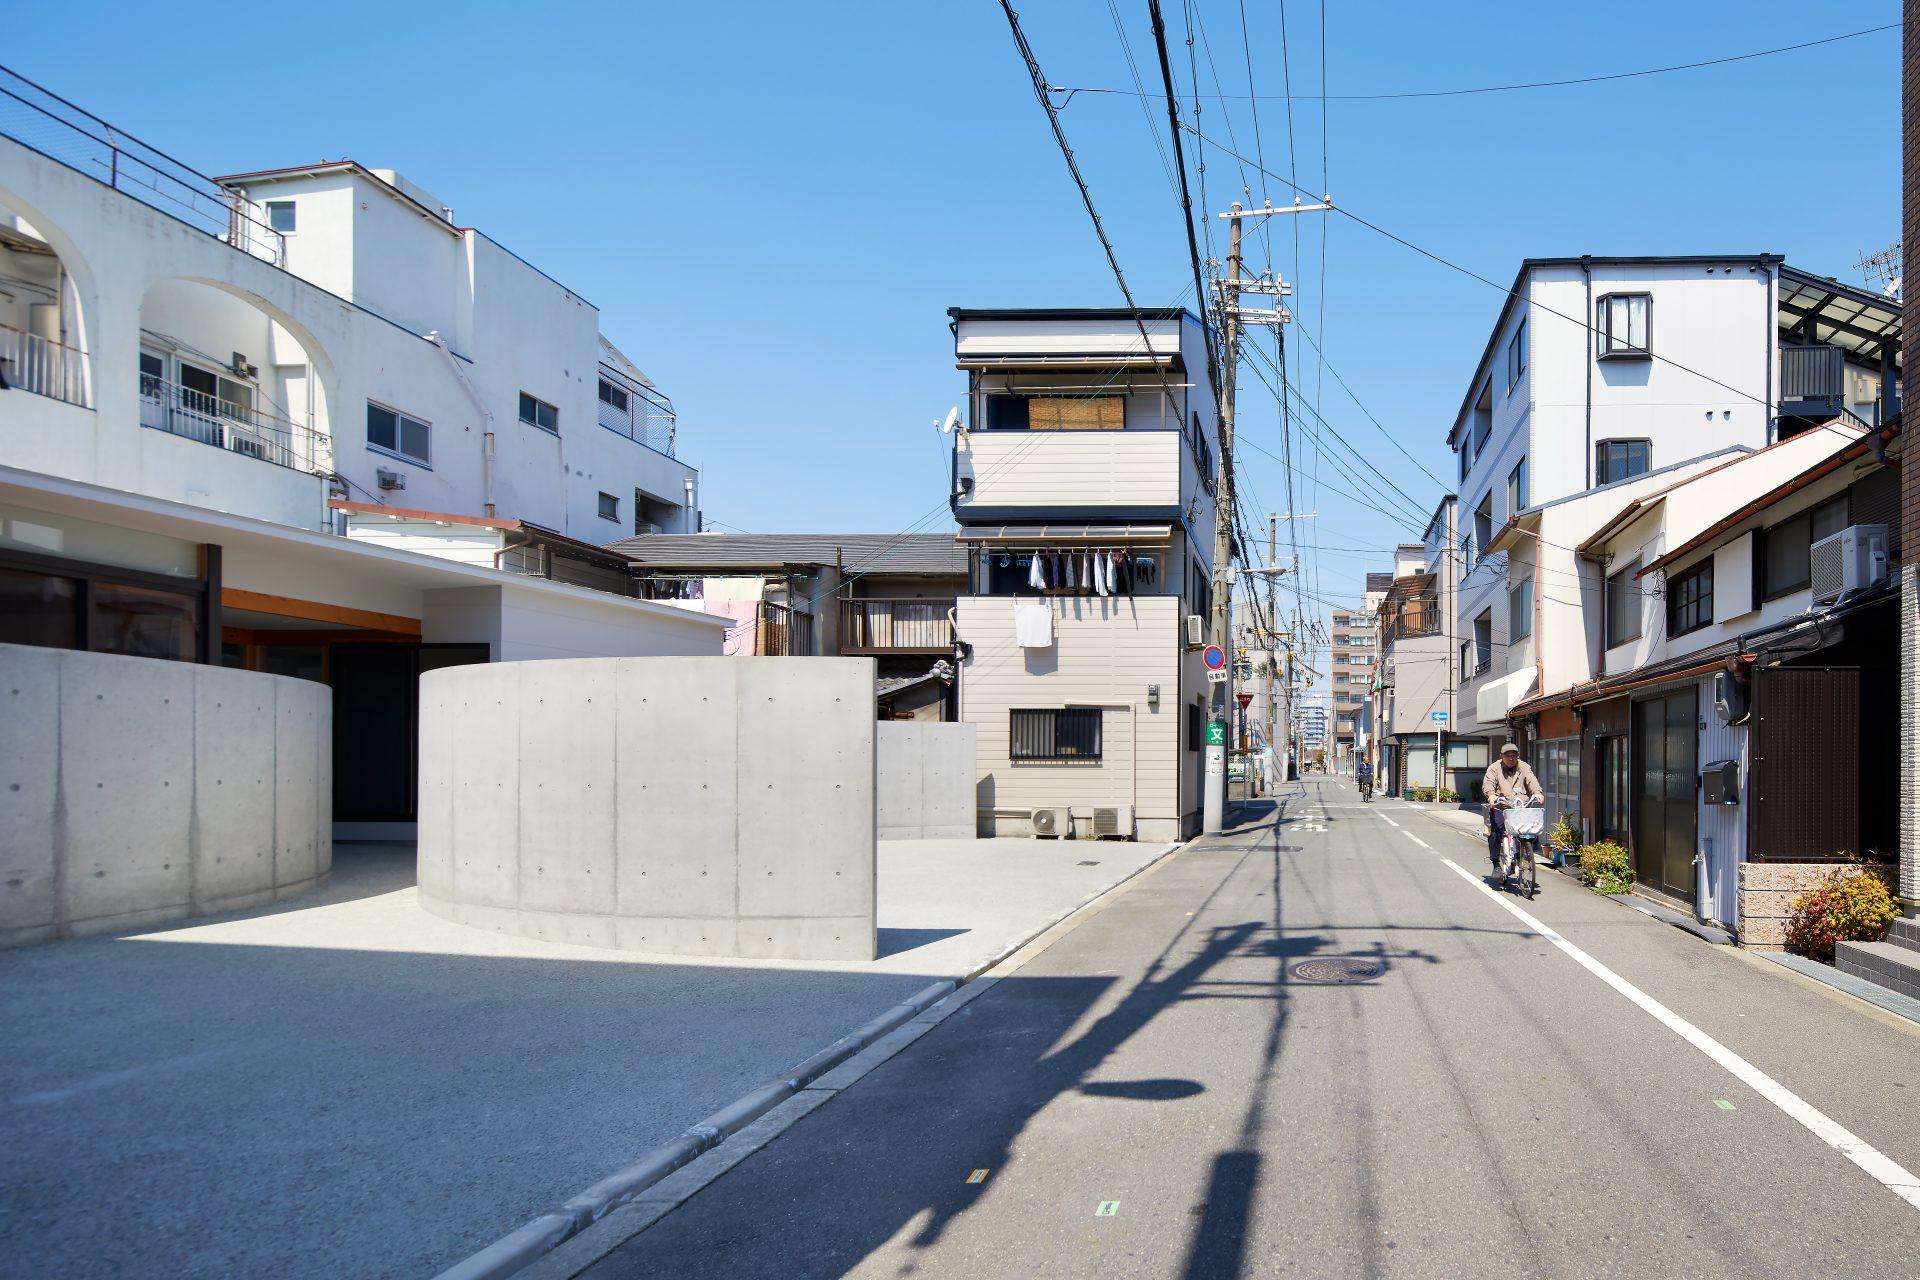 大阪のガレージハウス|住人十色放映の平屋の注文住宅の町並み